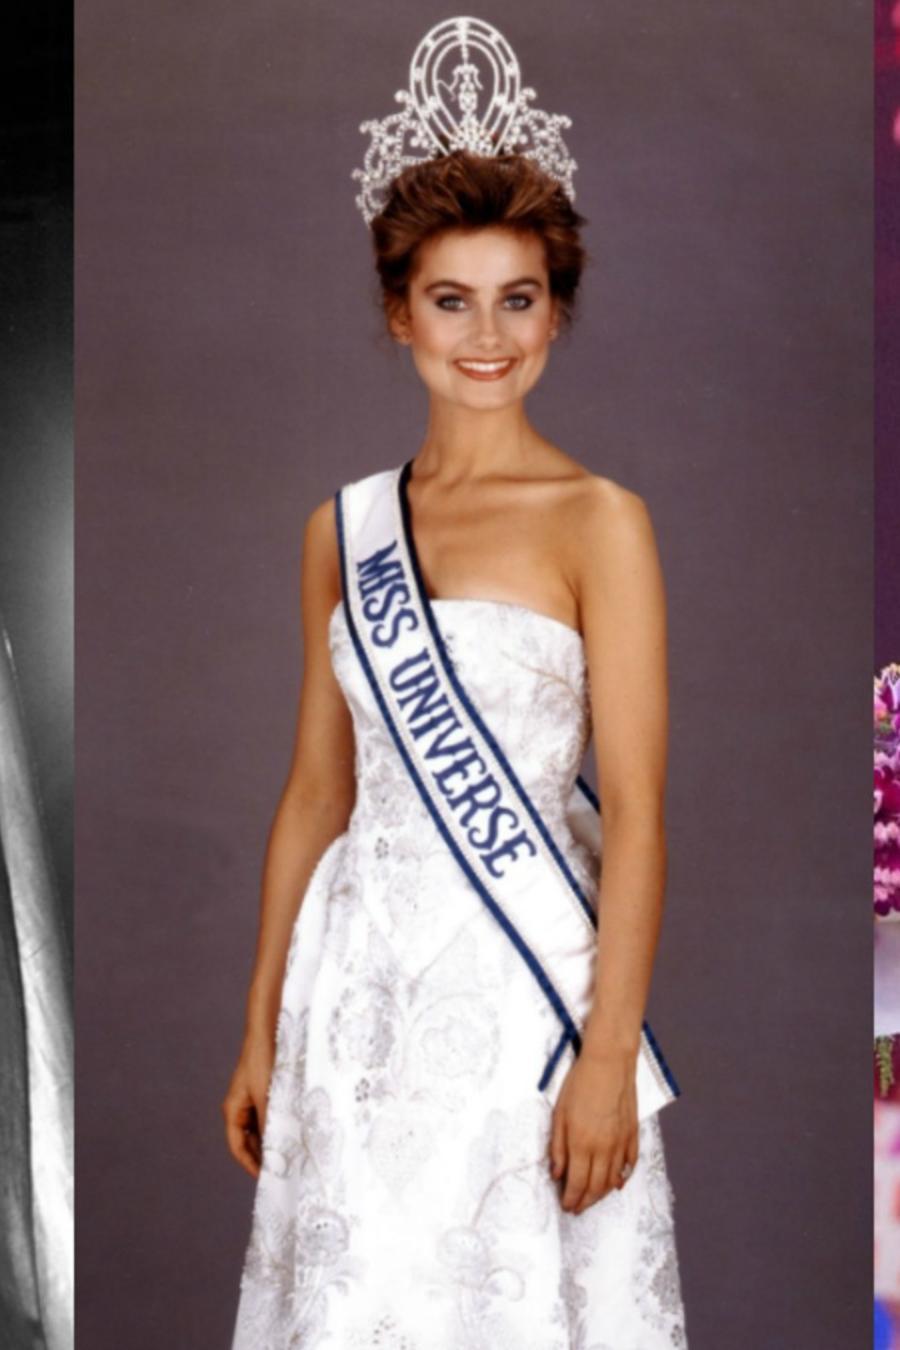 Hillevi Rombin, Karen Baldwin y Catriona Gray en el certamente de Miss Universo